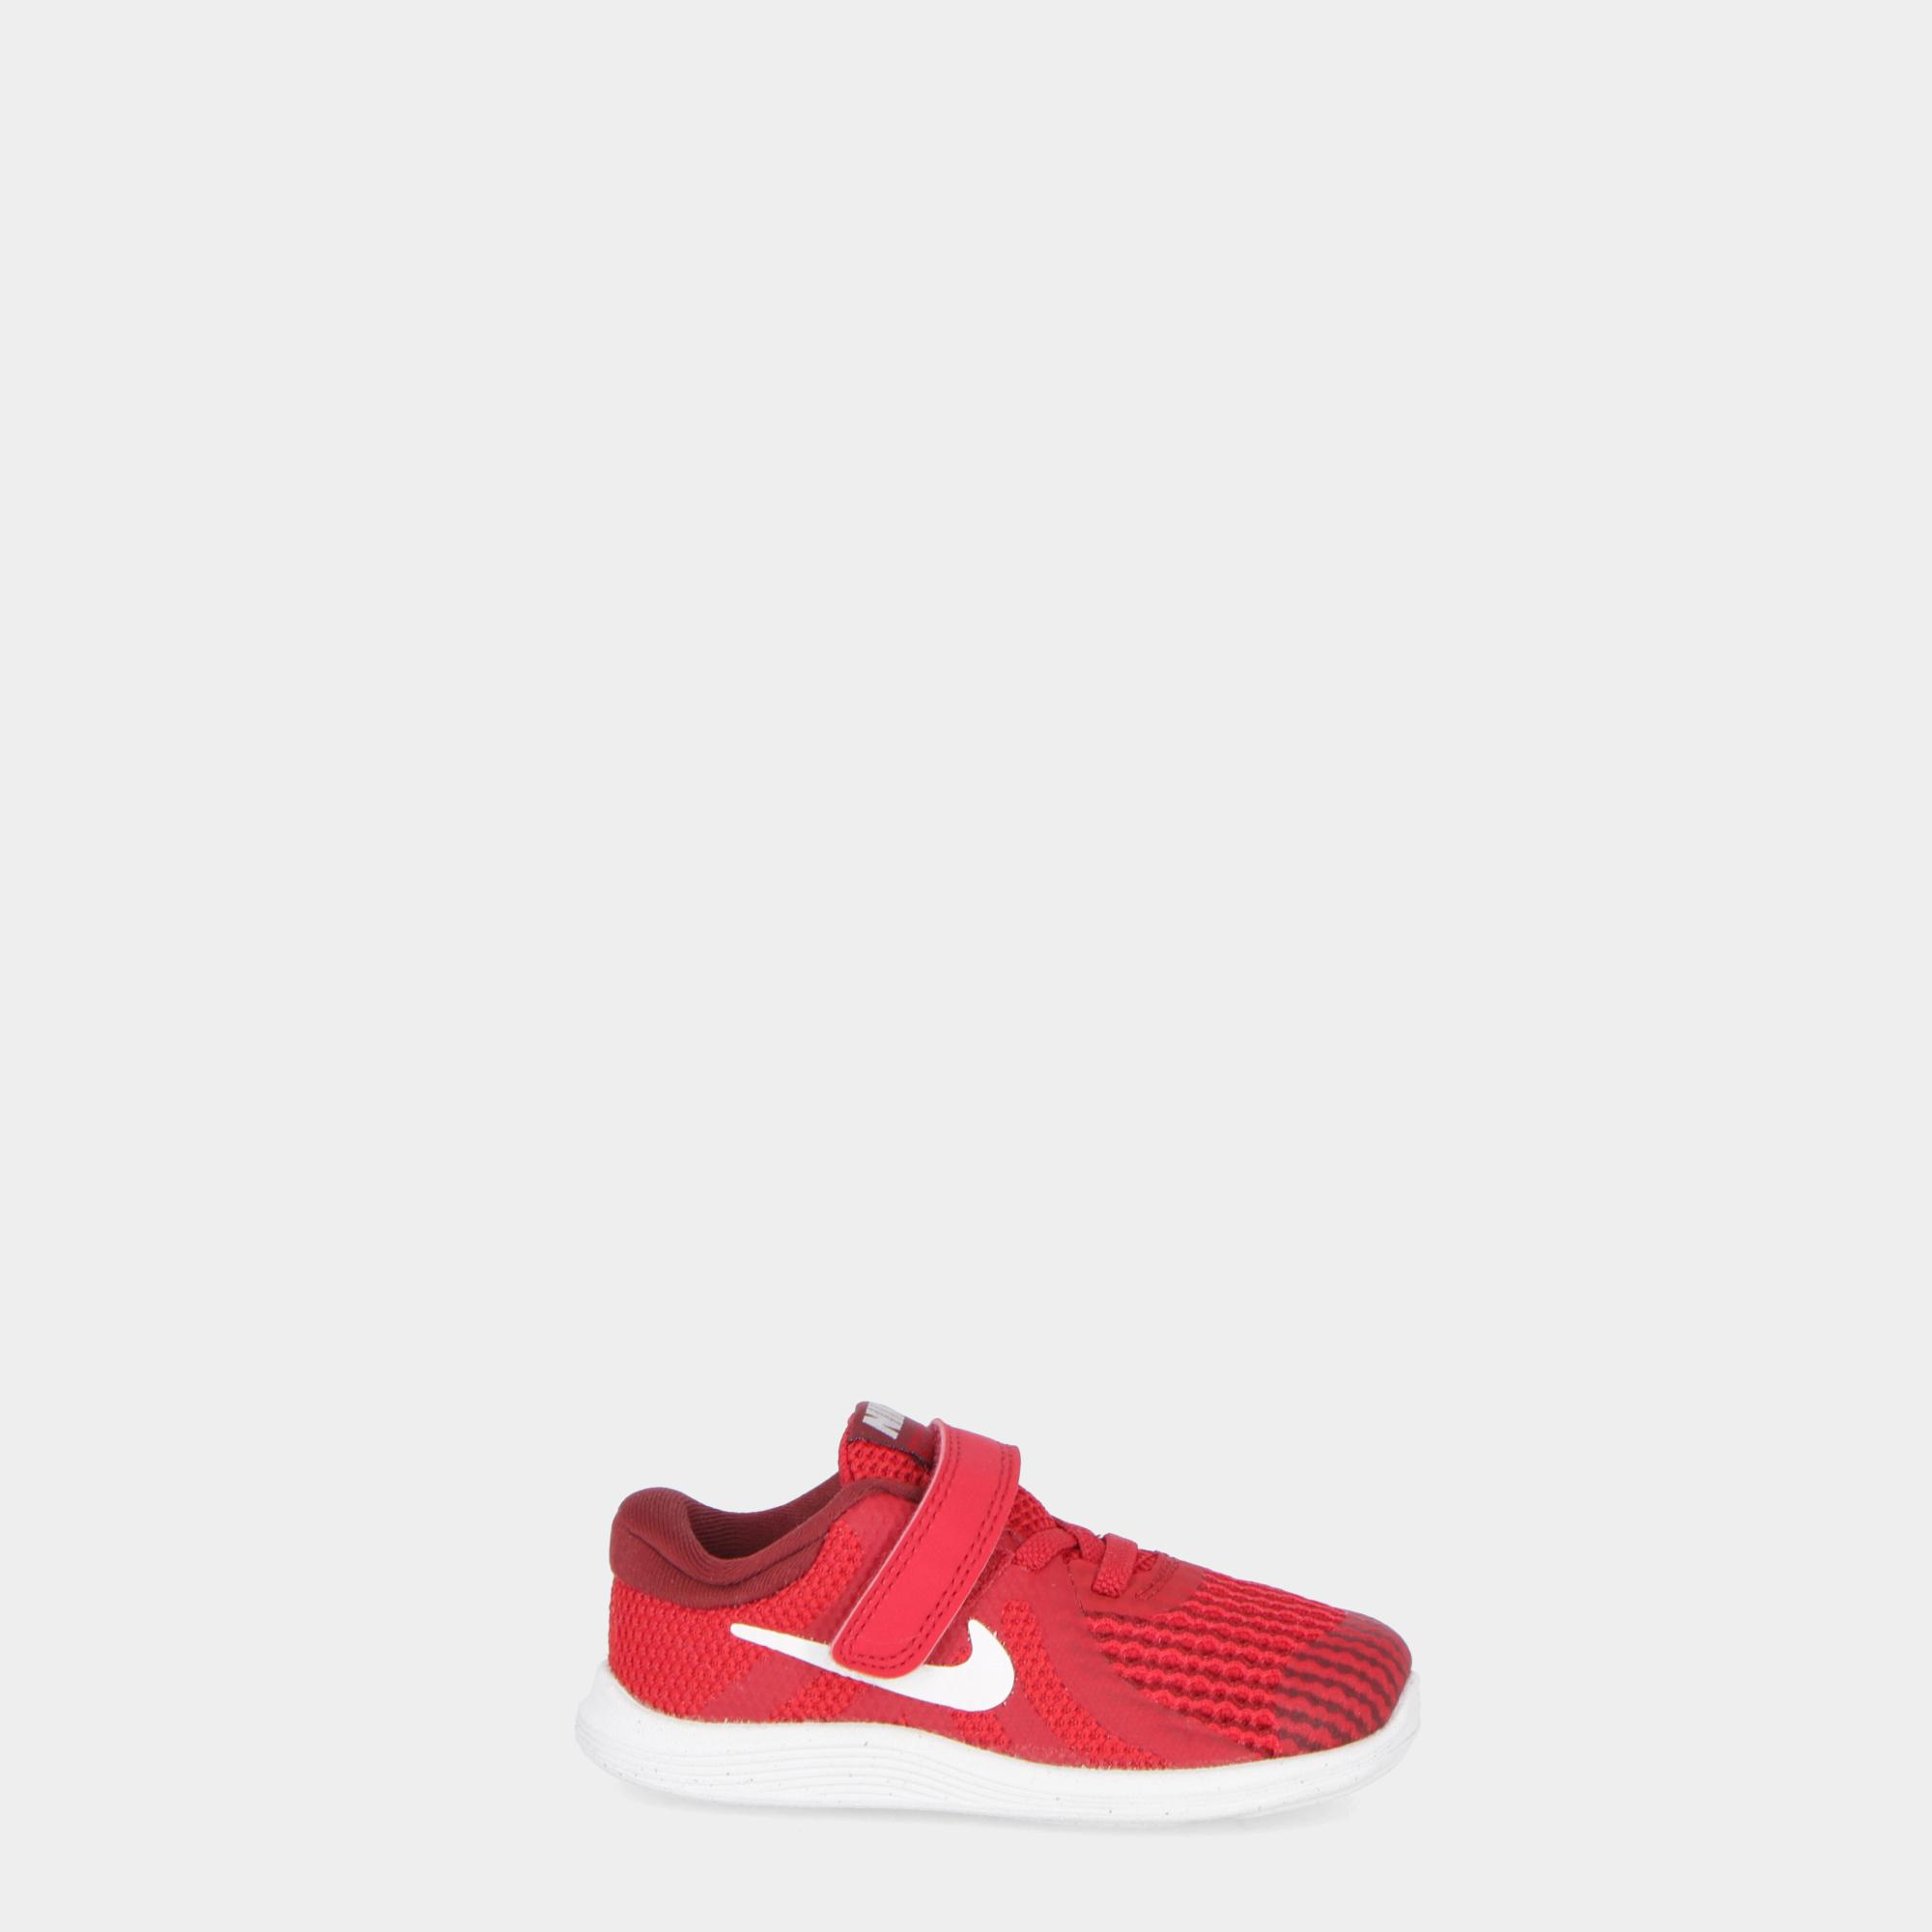 5658e583e7a42 Nike Revolution 4 (tdv) - Kids Gymred White